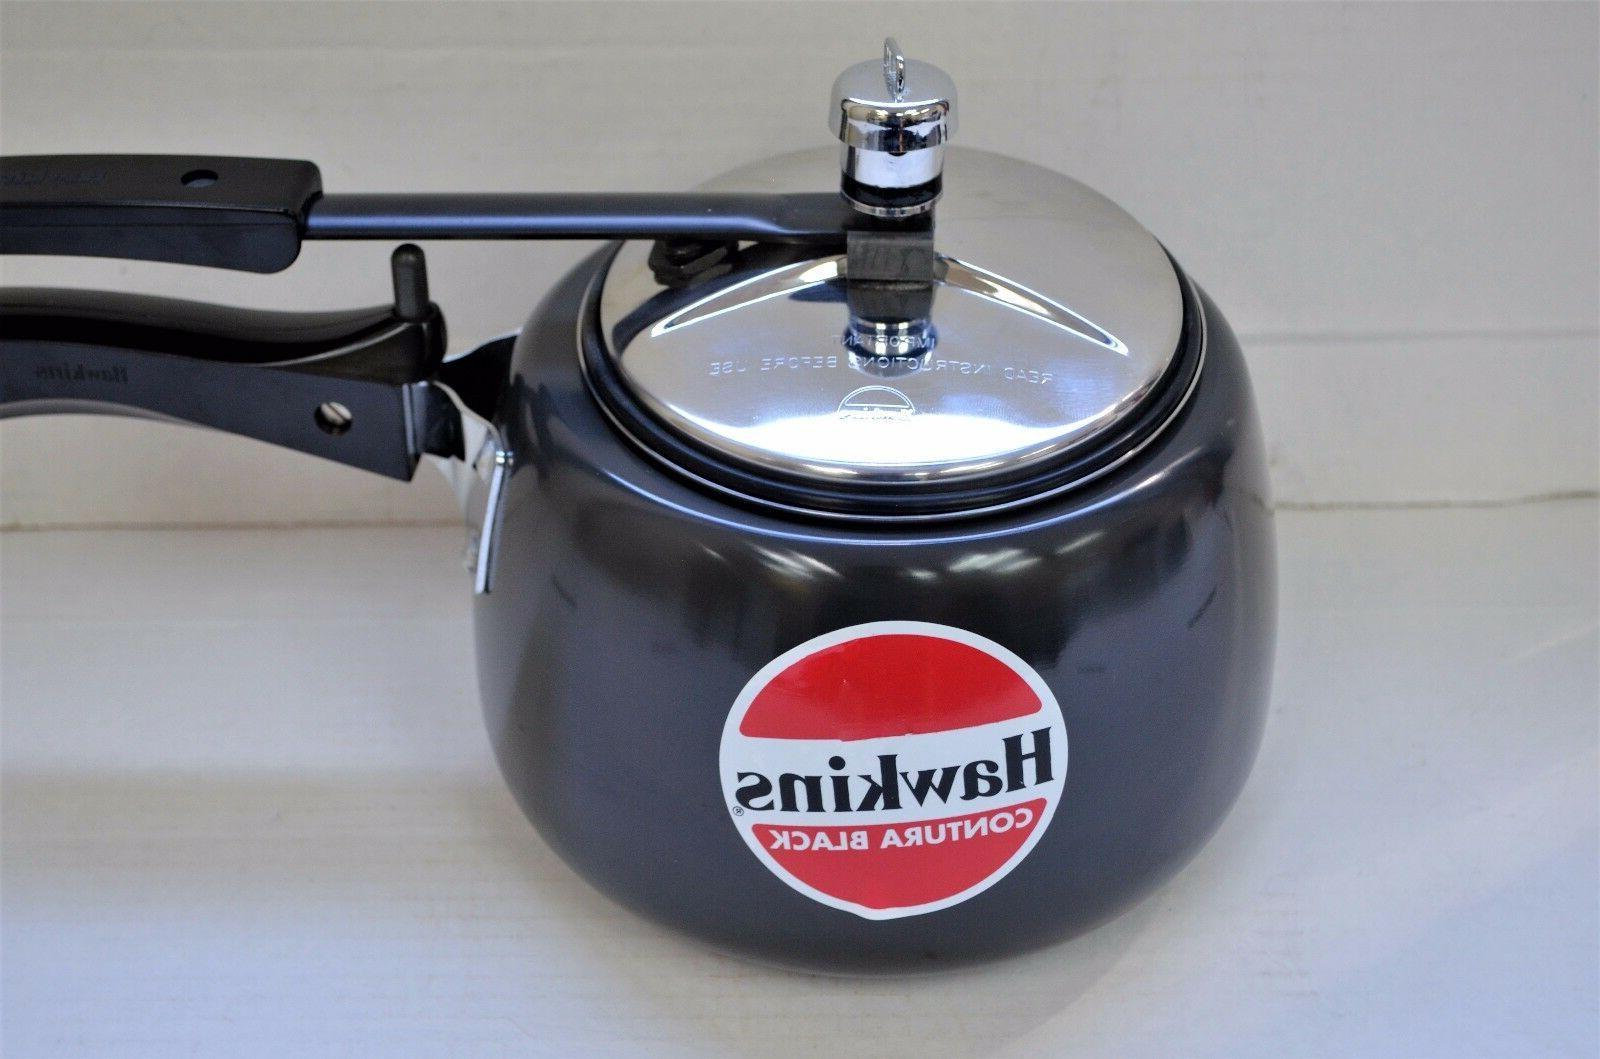 NEW Anodized Pressure Cooker, 5 Liter Contura